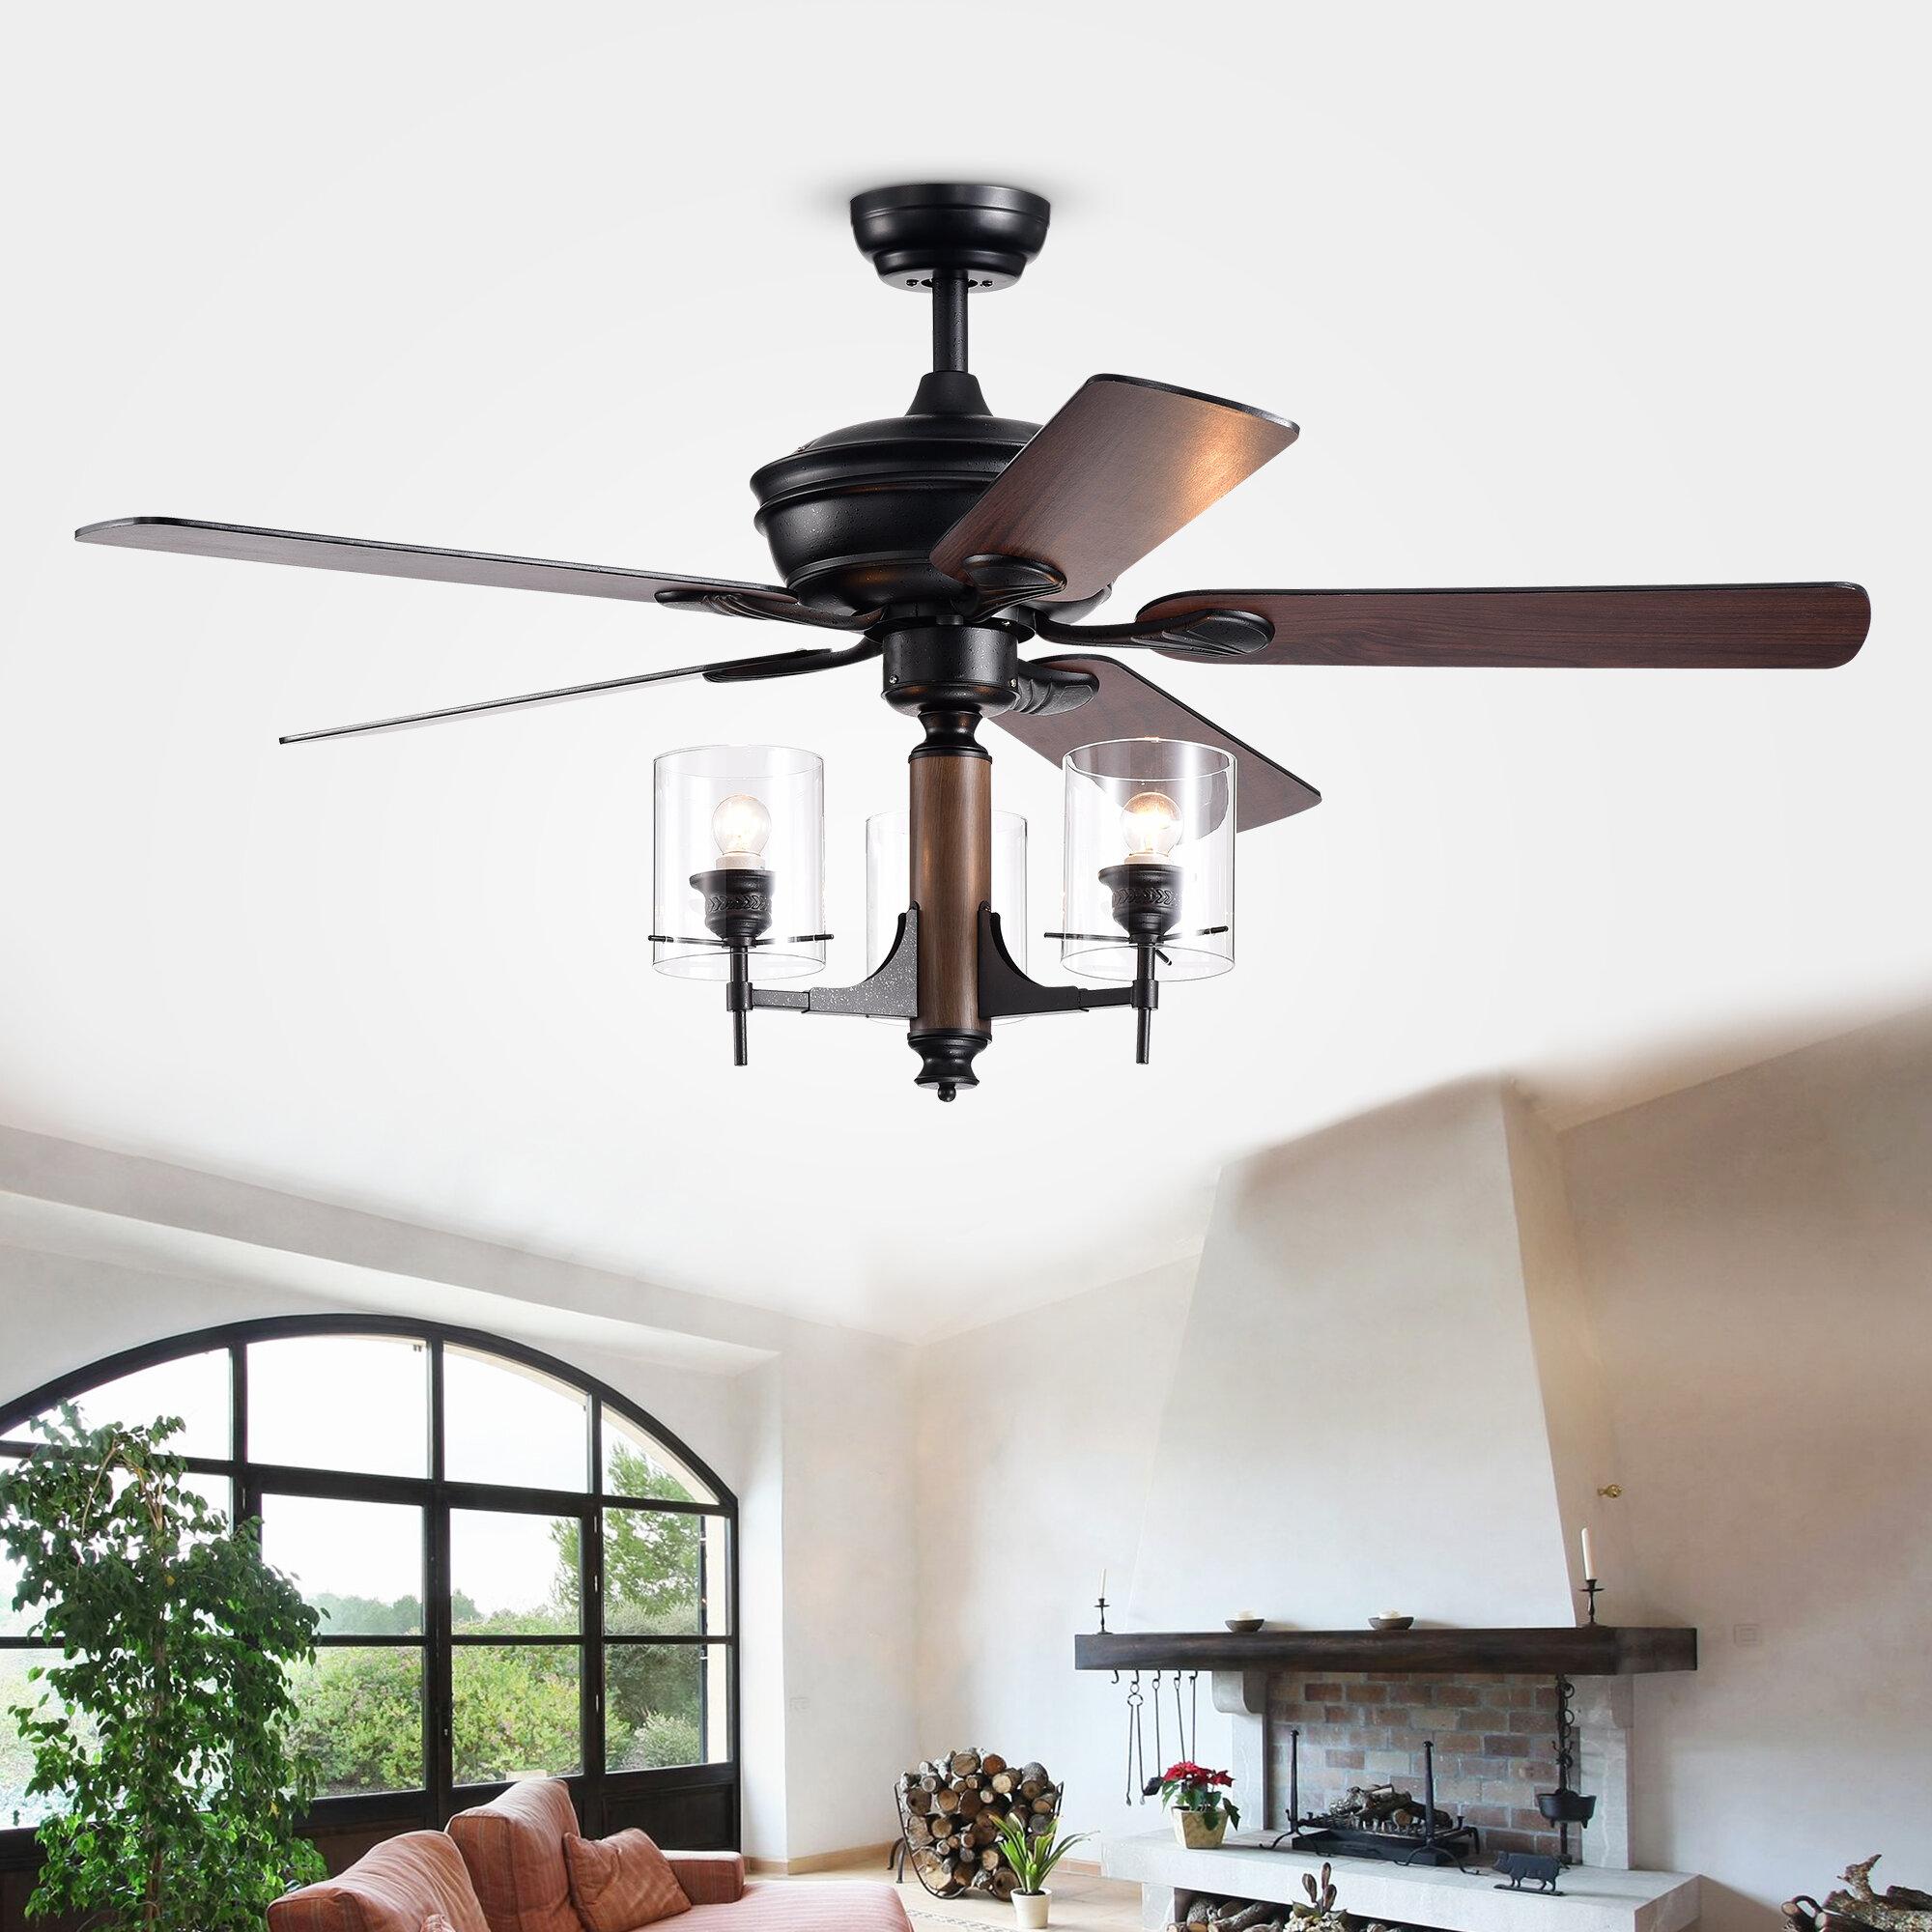 Gracie oaks 52 poirier 5 blade ceiling fan with remote wayfair